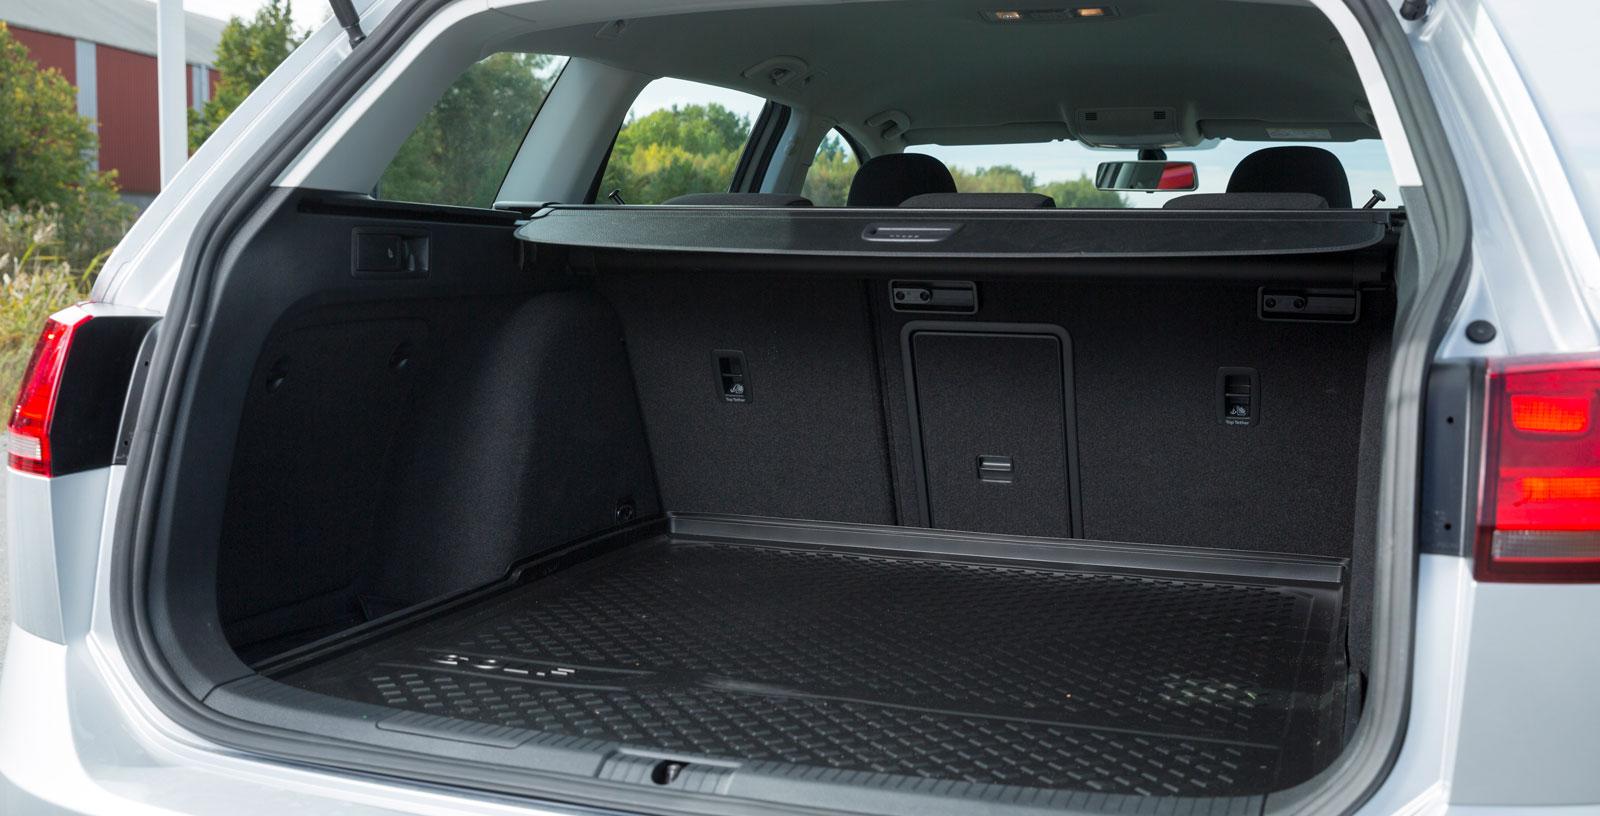 Lastutrymmet i Golf är nästan lika generöst som i Astra och har regelbunden utformning. Dessutom finns fler praktiska fack än i Opel. Extramattan är väldigt hal. Ryggstöden kan fjärrfällas (60/40-delning) och lastgolvet blir då helt plant. Insynsskyddet fälls enkelt undan när man trycker på det.